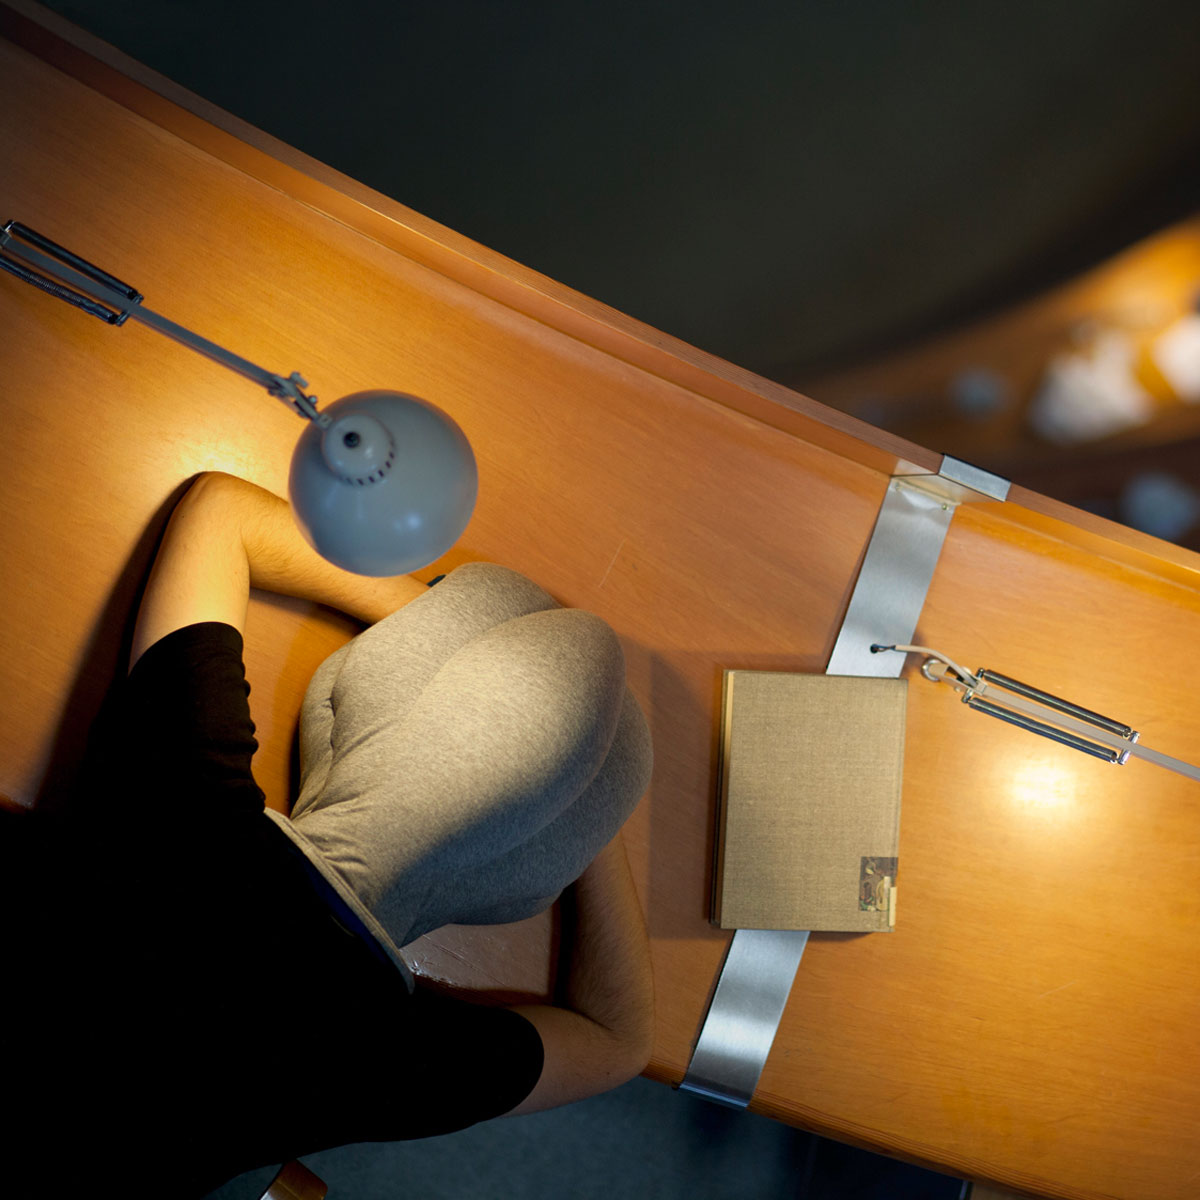 Ostrich Pillow Portable Power Nap Micro Environment